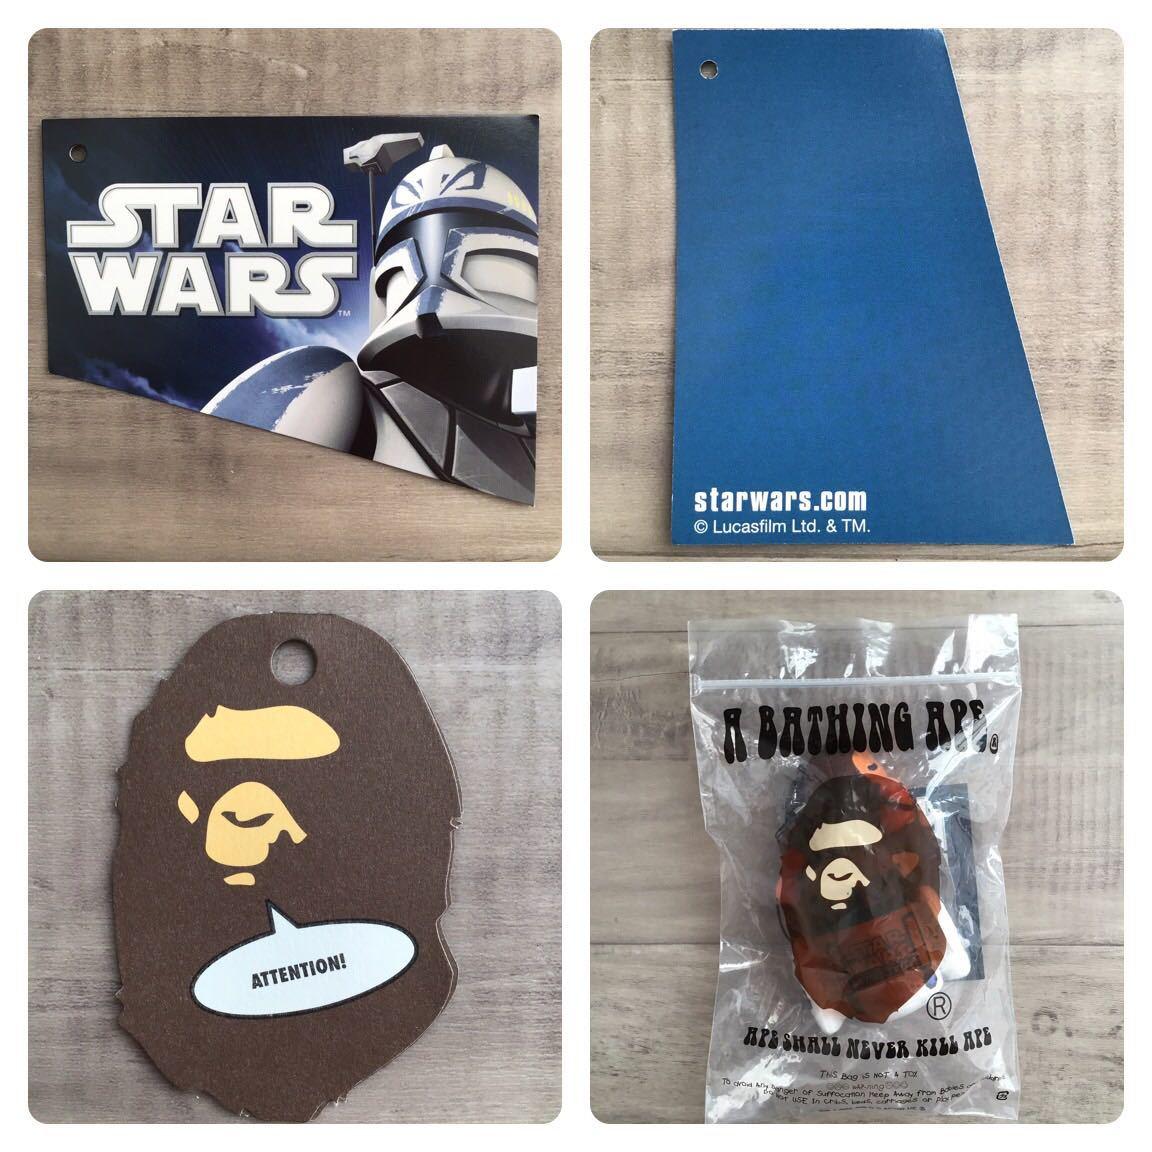 ★新品★ starwars × BAPE R2-D2 マイロ モバイルクリーナー ストラップ a bathing ape baby milo エイプ ベイプ スターウォーズ strap